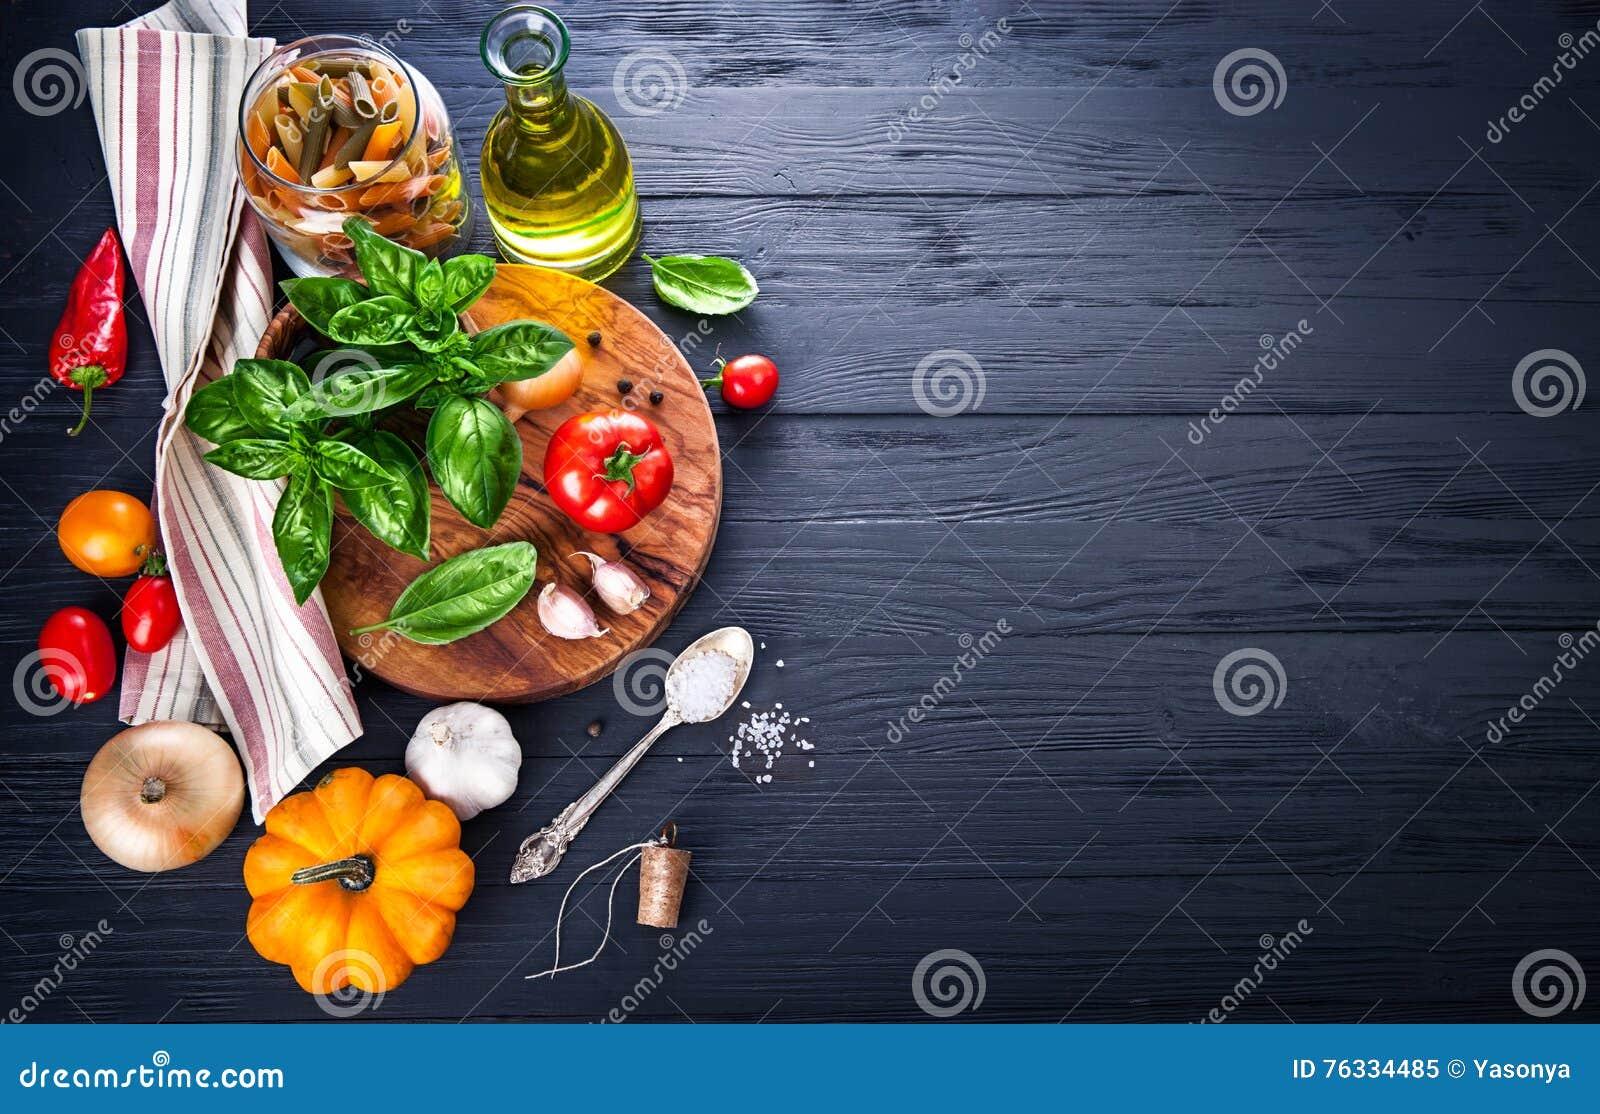 Grönsaker och kryddaingrediens för att laga mat italiensk mat